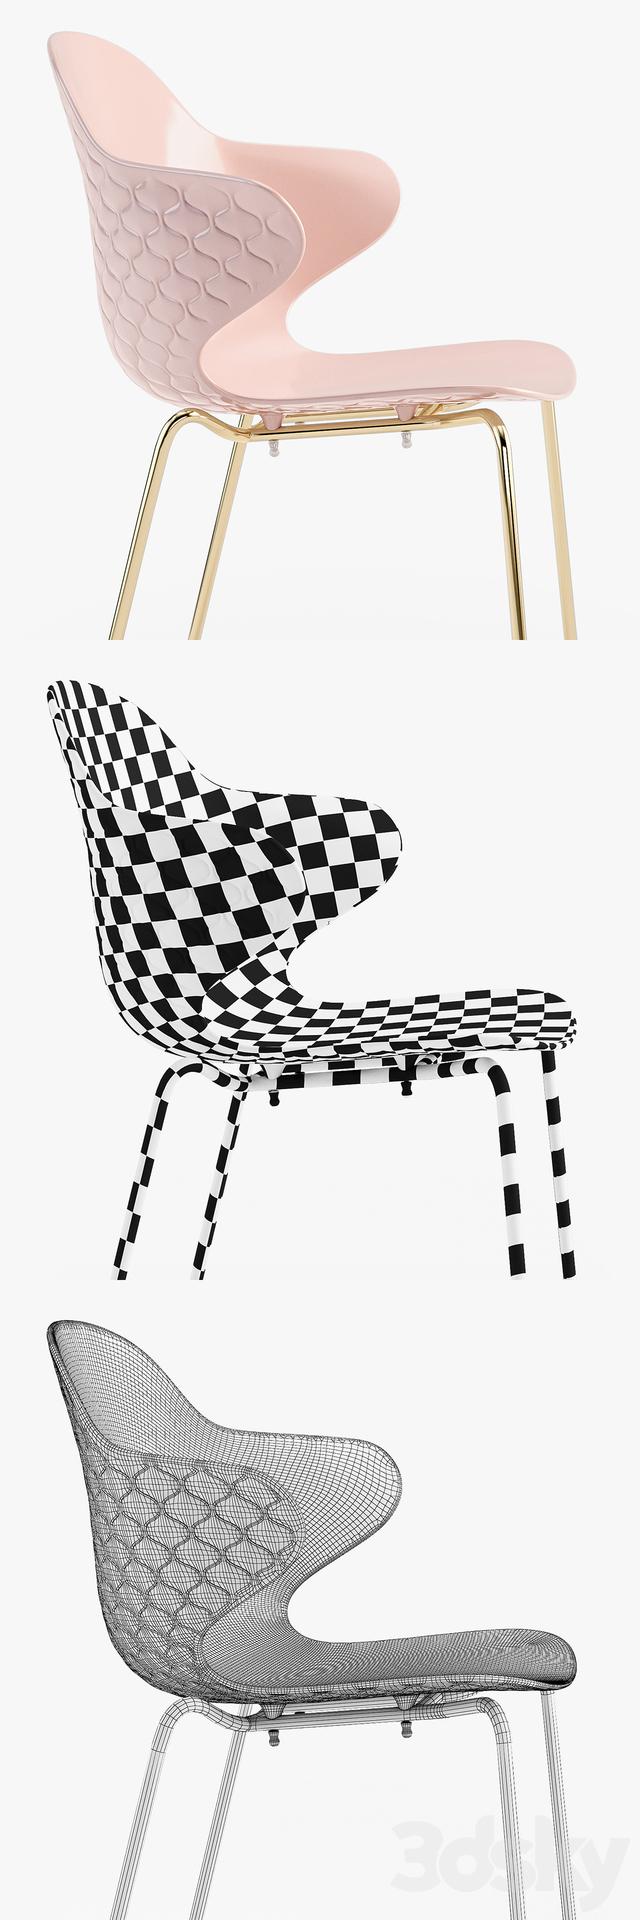 3d Models Chair Calligaris Saint Tropez Chair